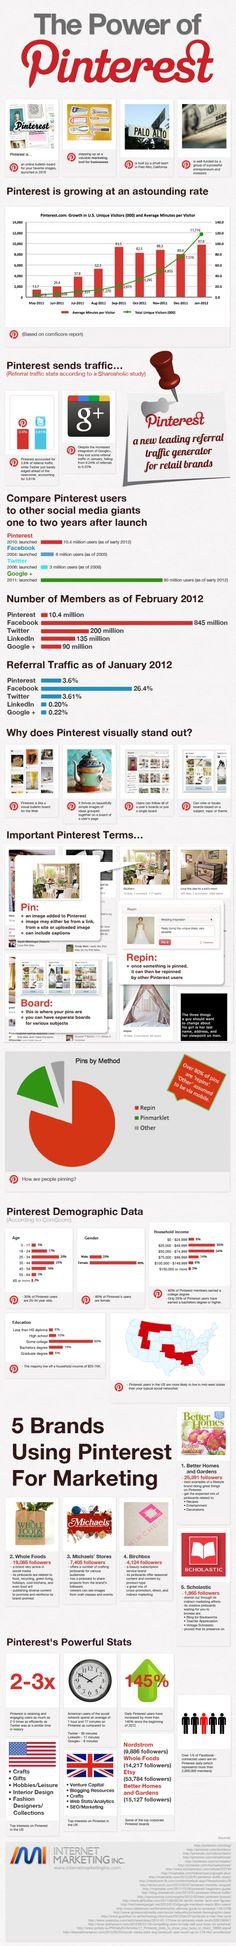 The Power of Pinterest via @techcrunch